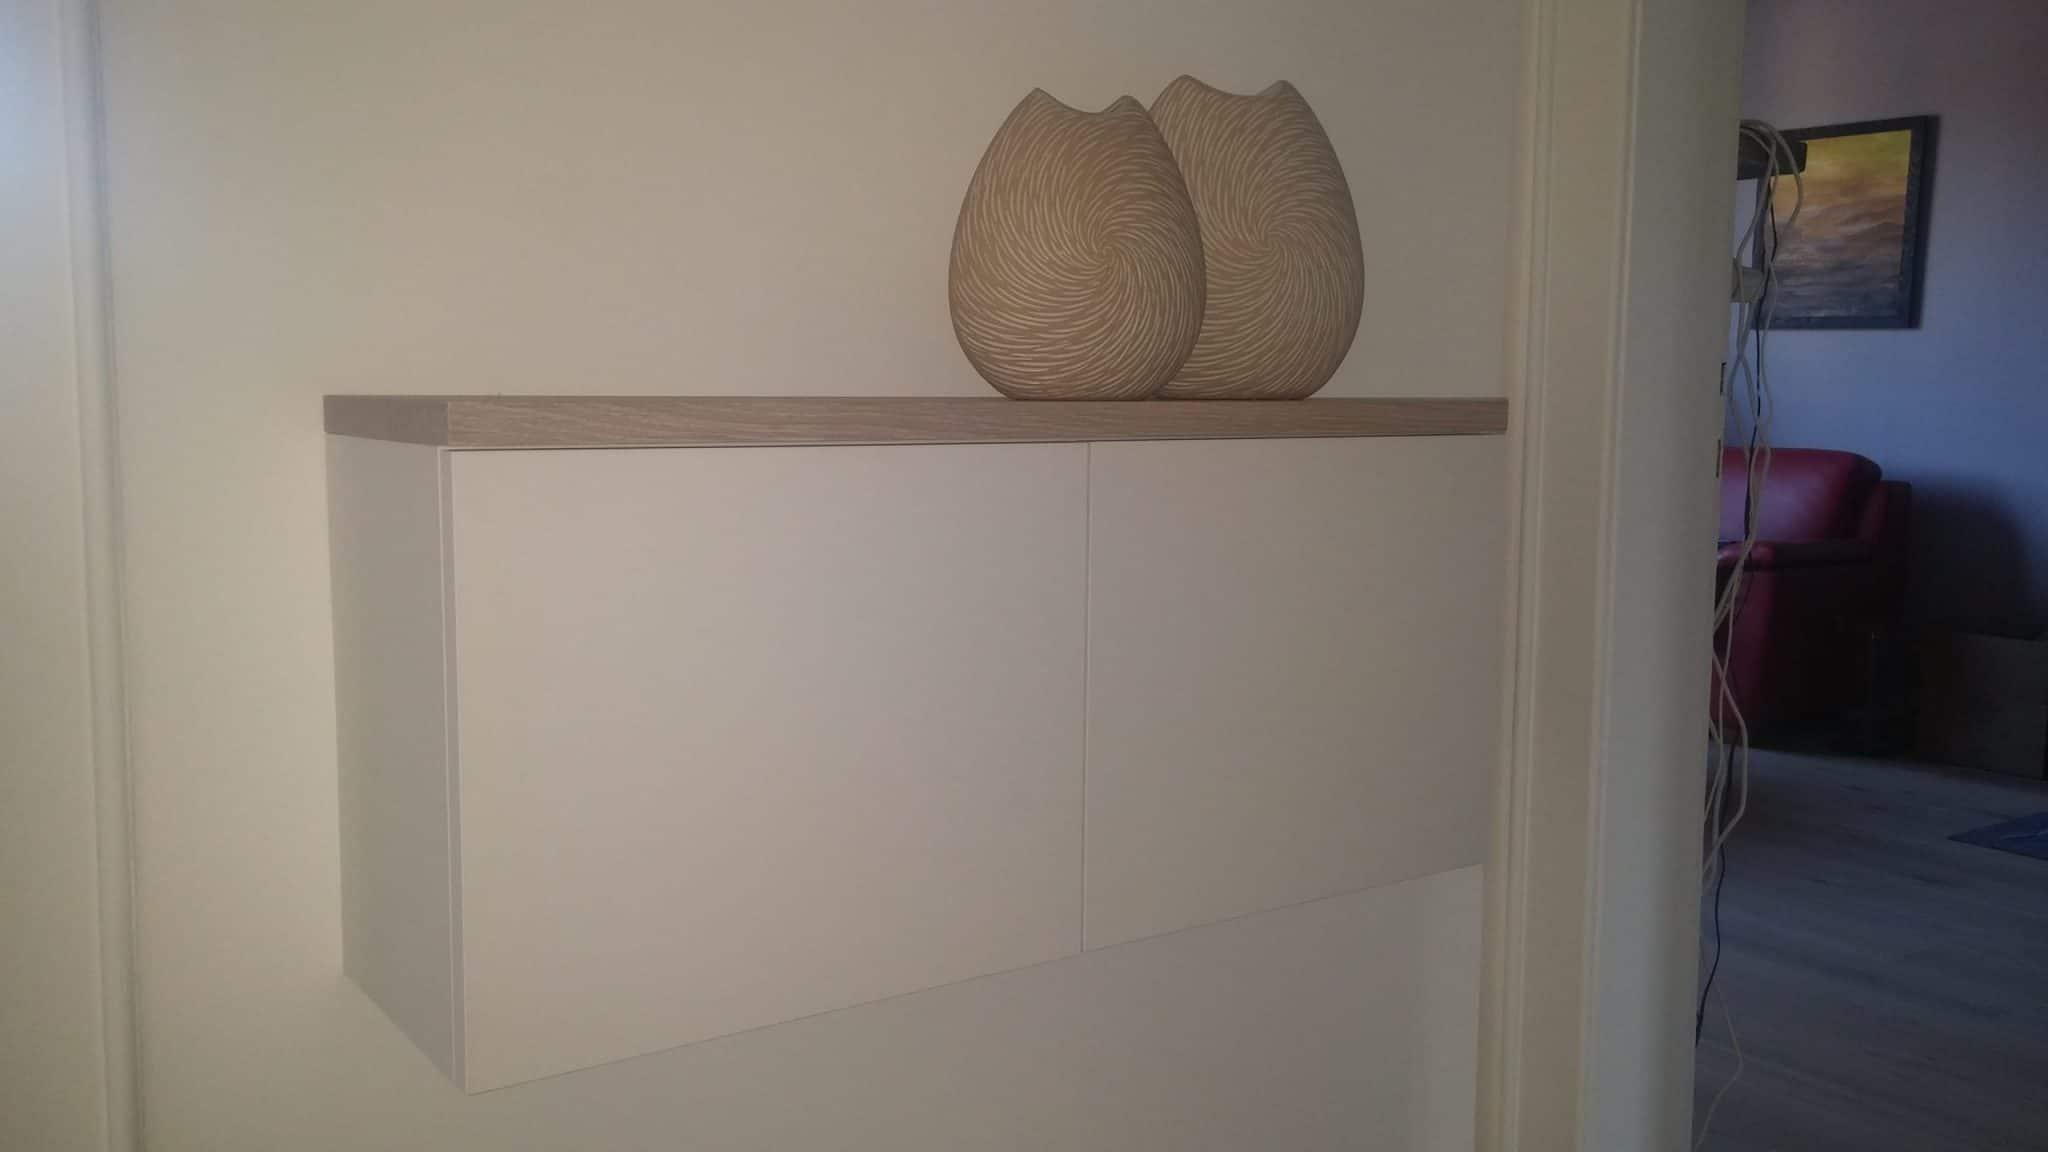 tischlerei-hanses-essen-moebel-handwerk-wohnraum-15